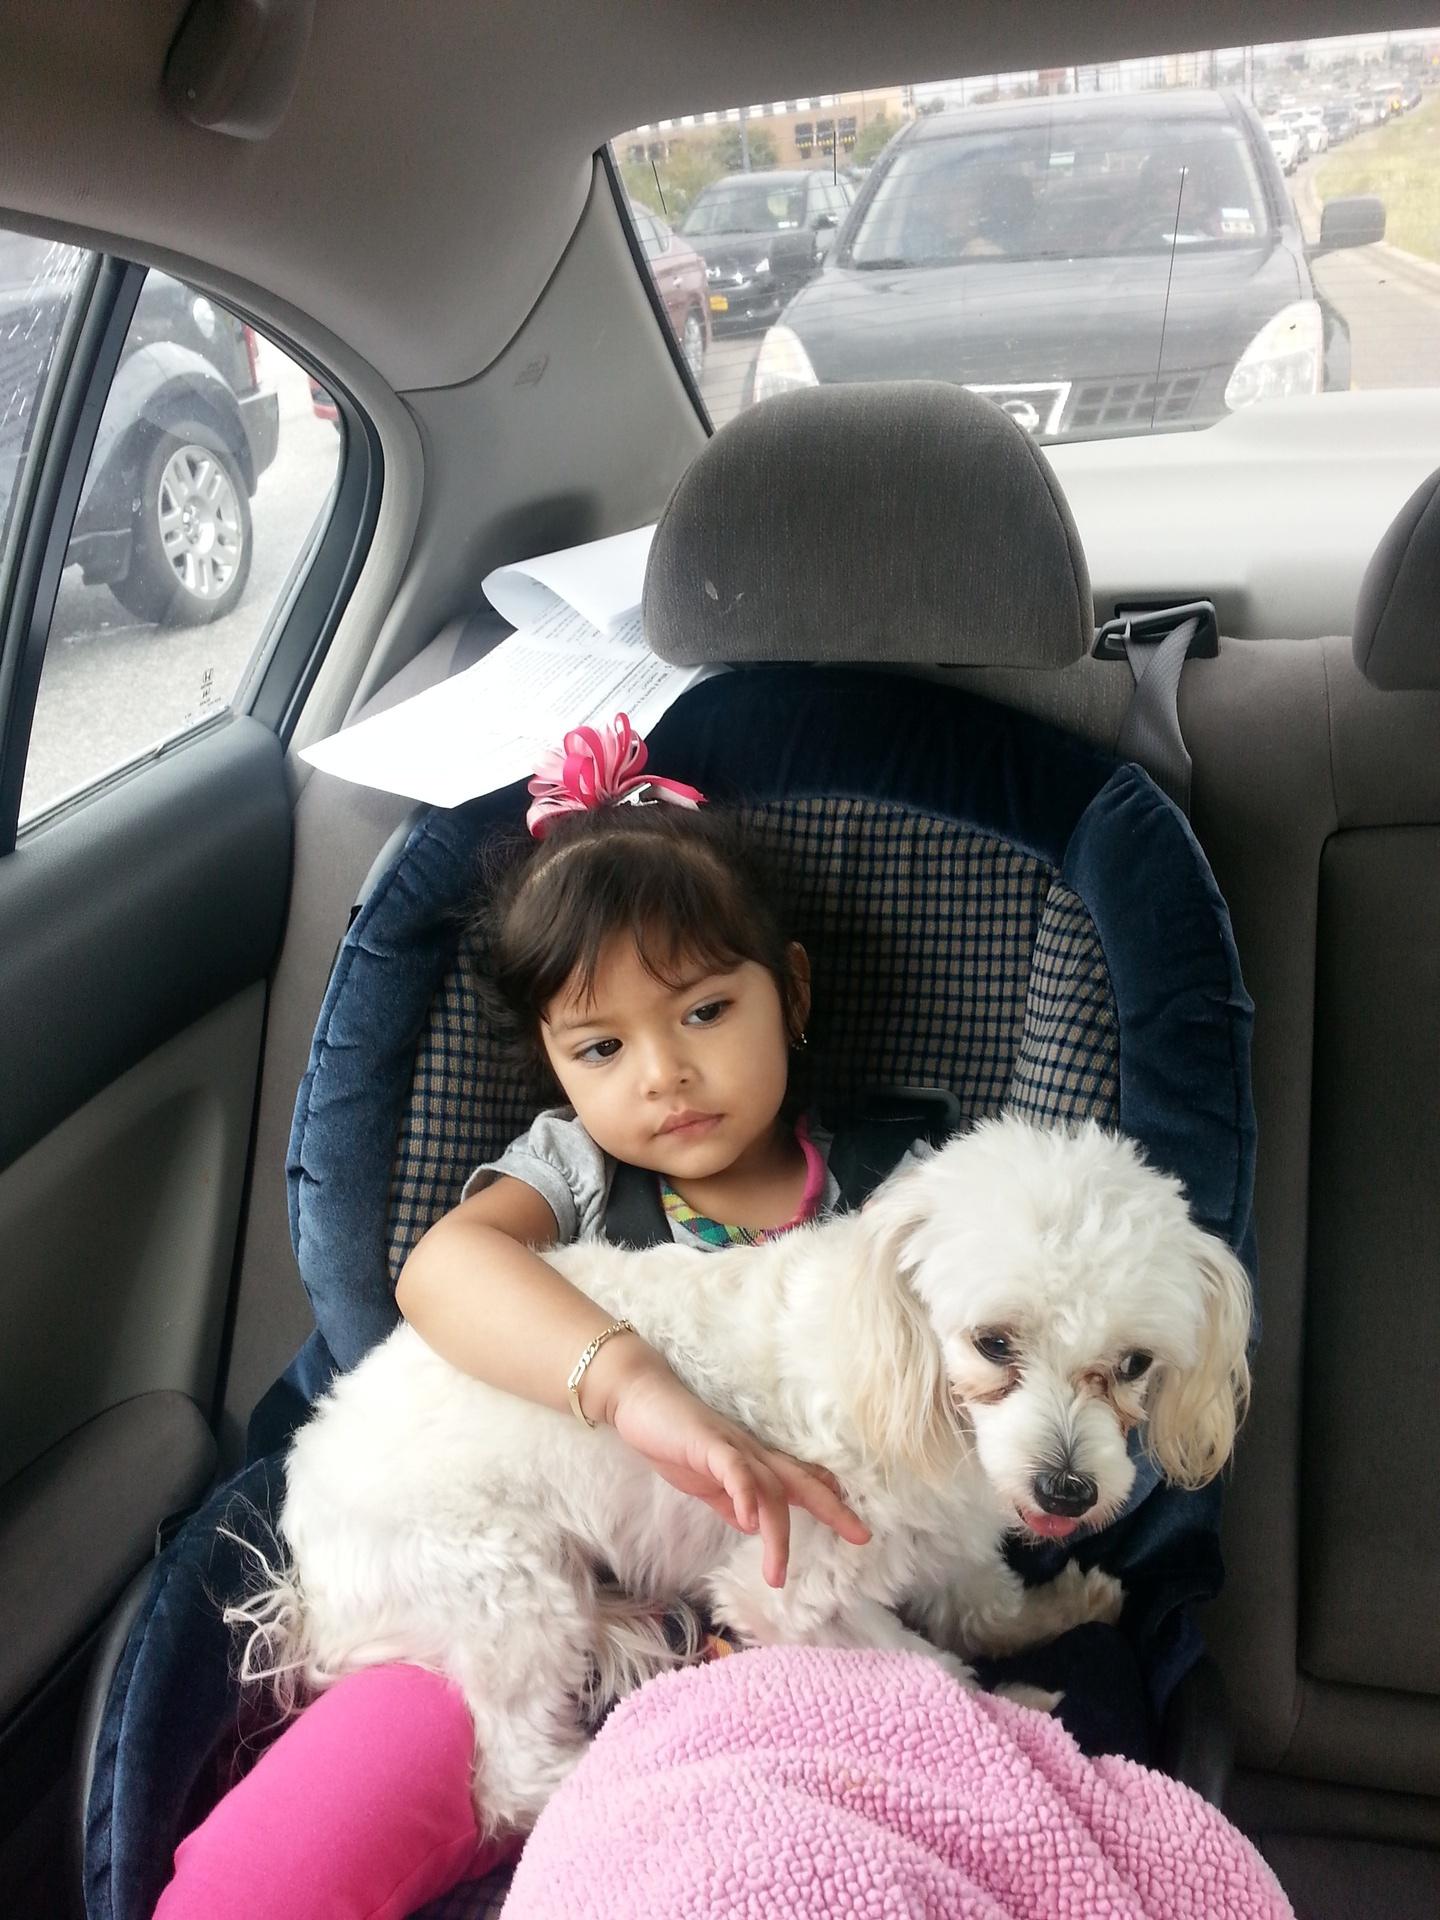 Poodle Car Ride